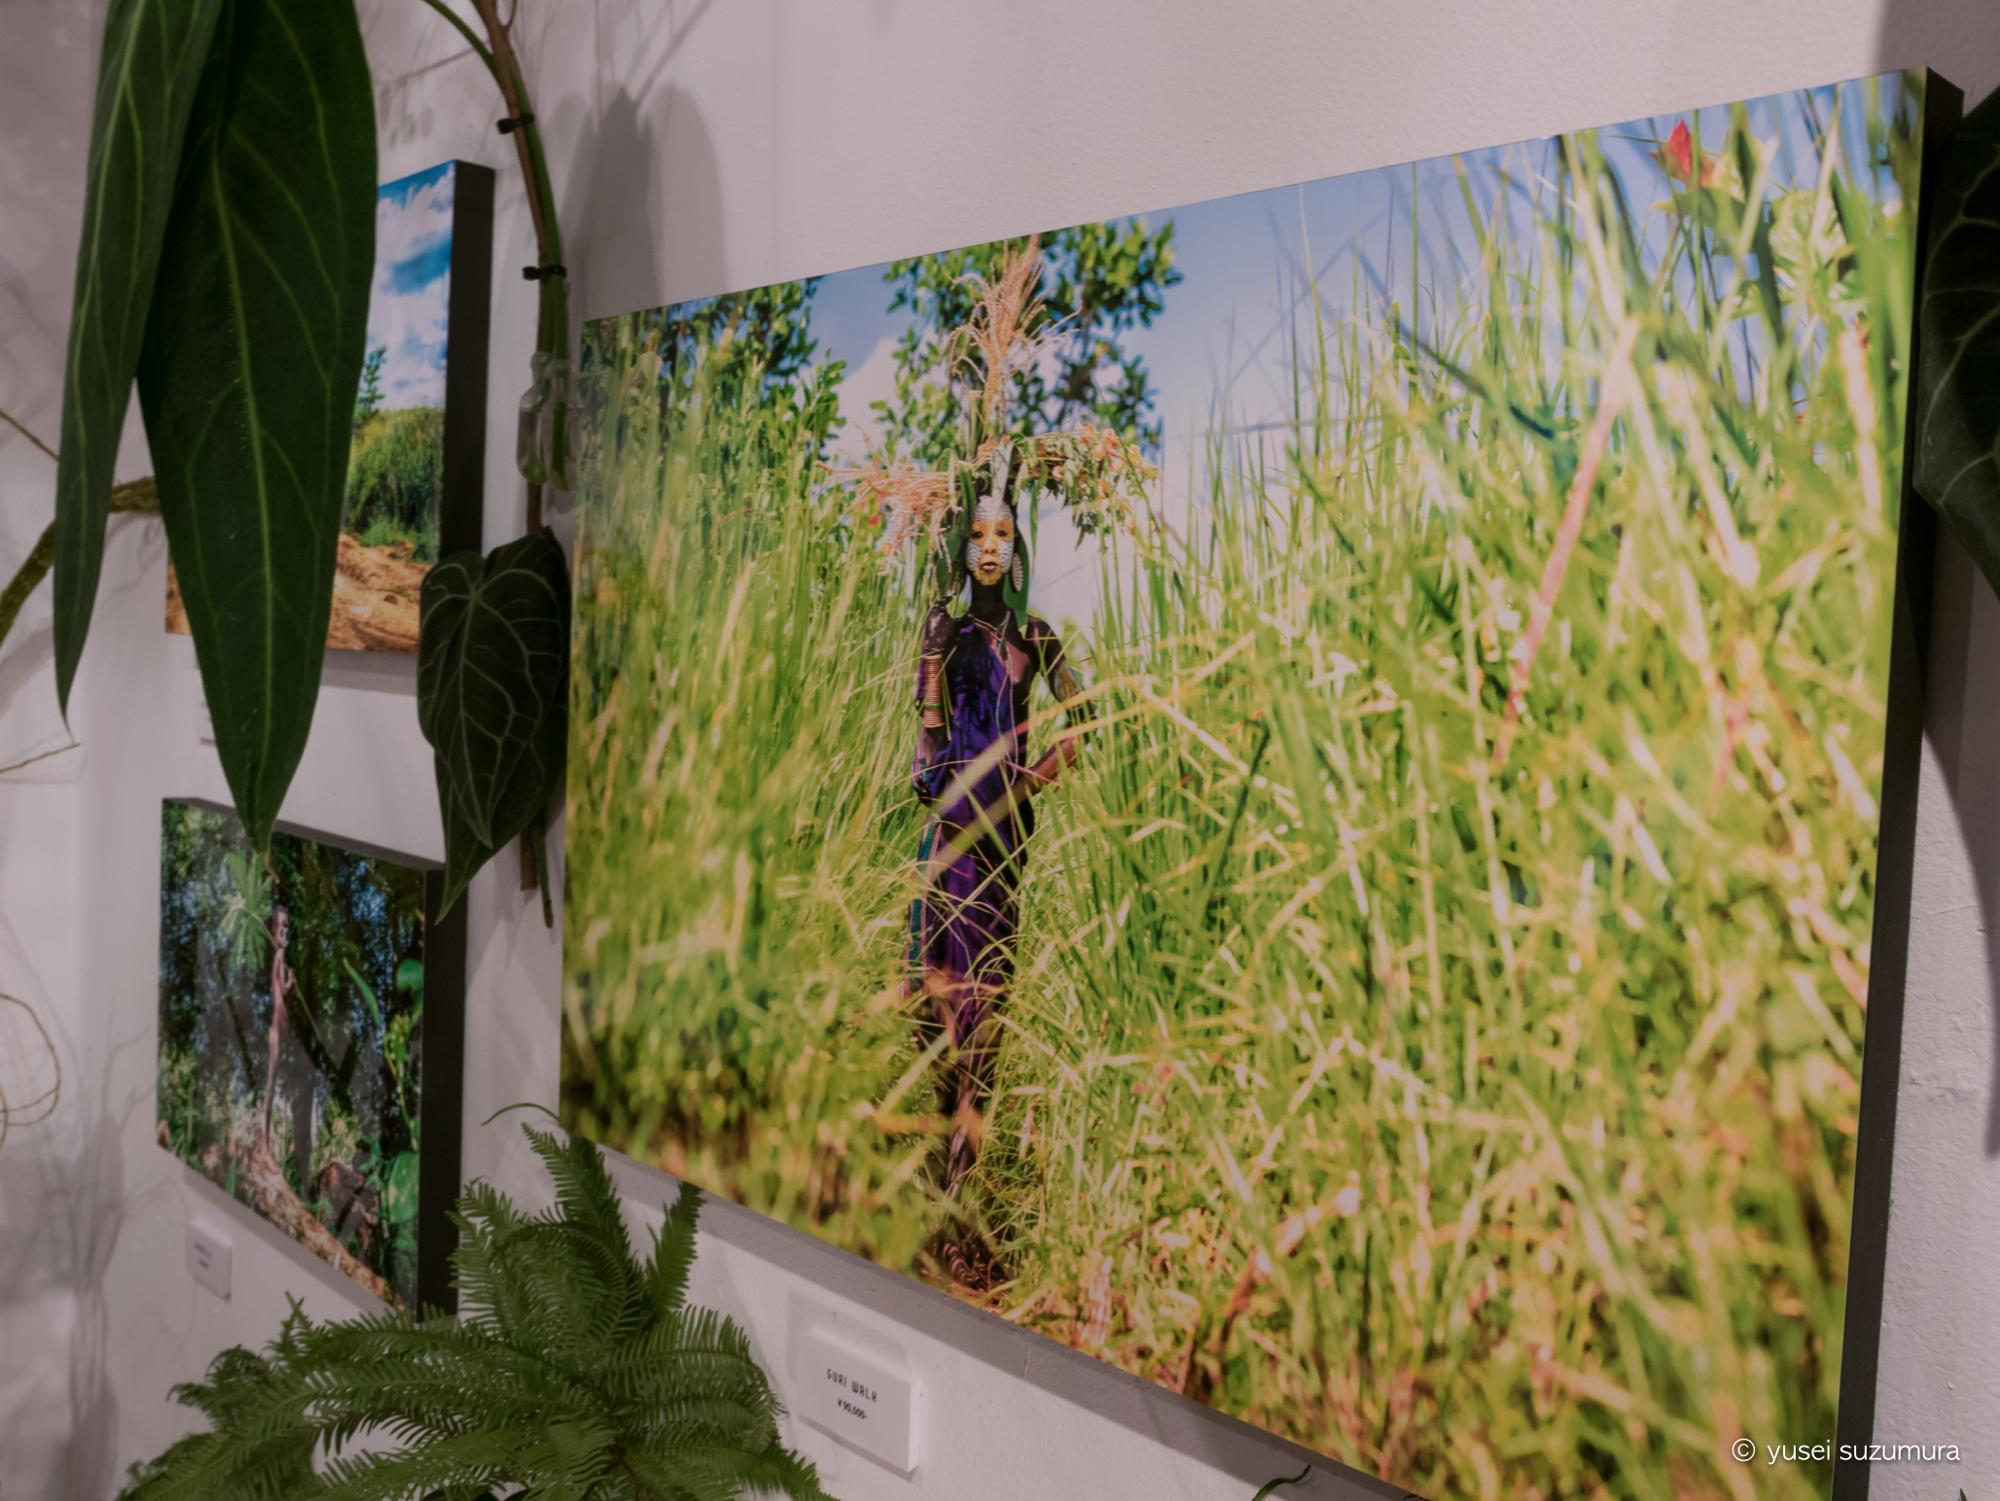 スリ族 ヨシダナギ 写真